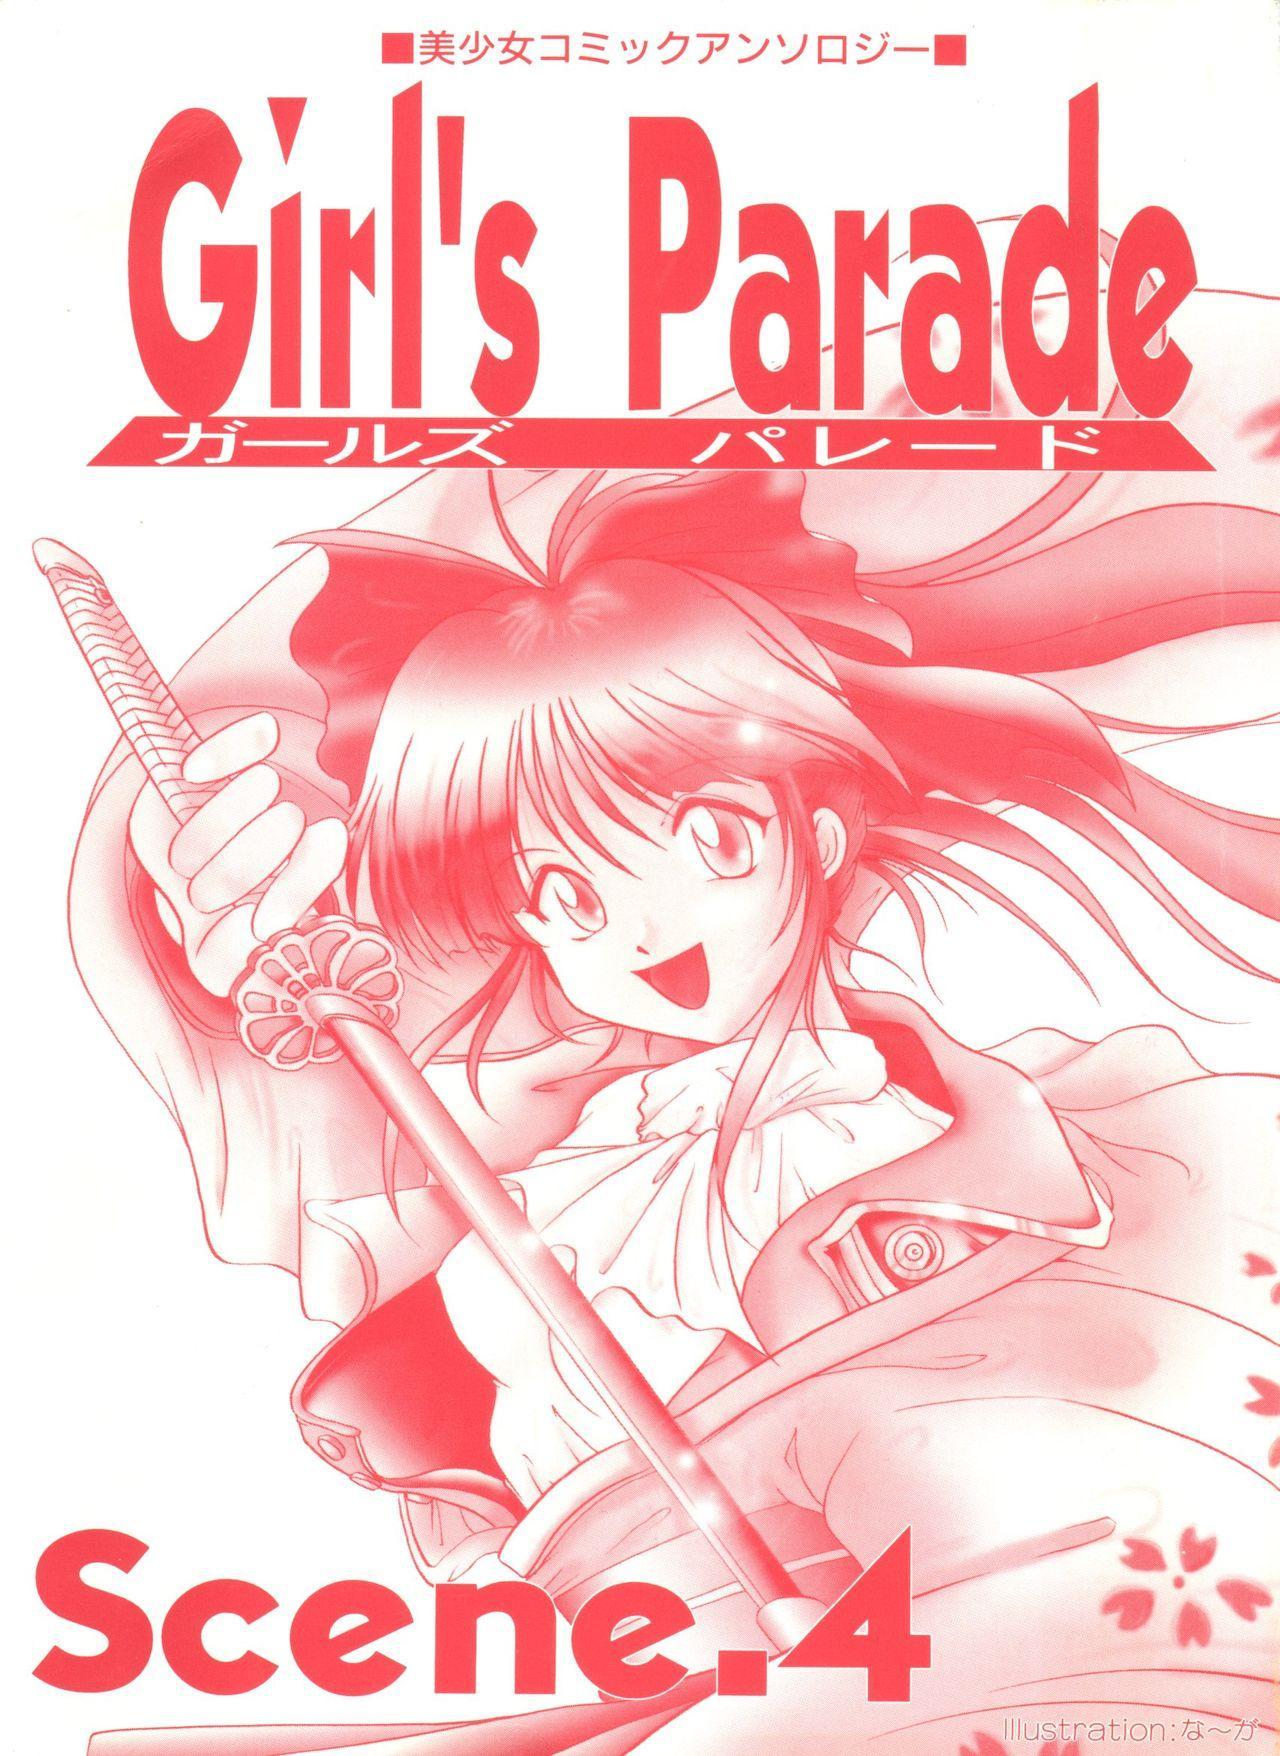 Girl's Parade Scene 4 2